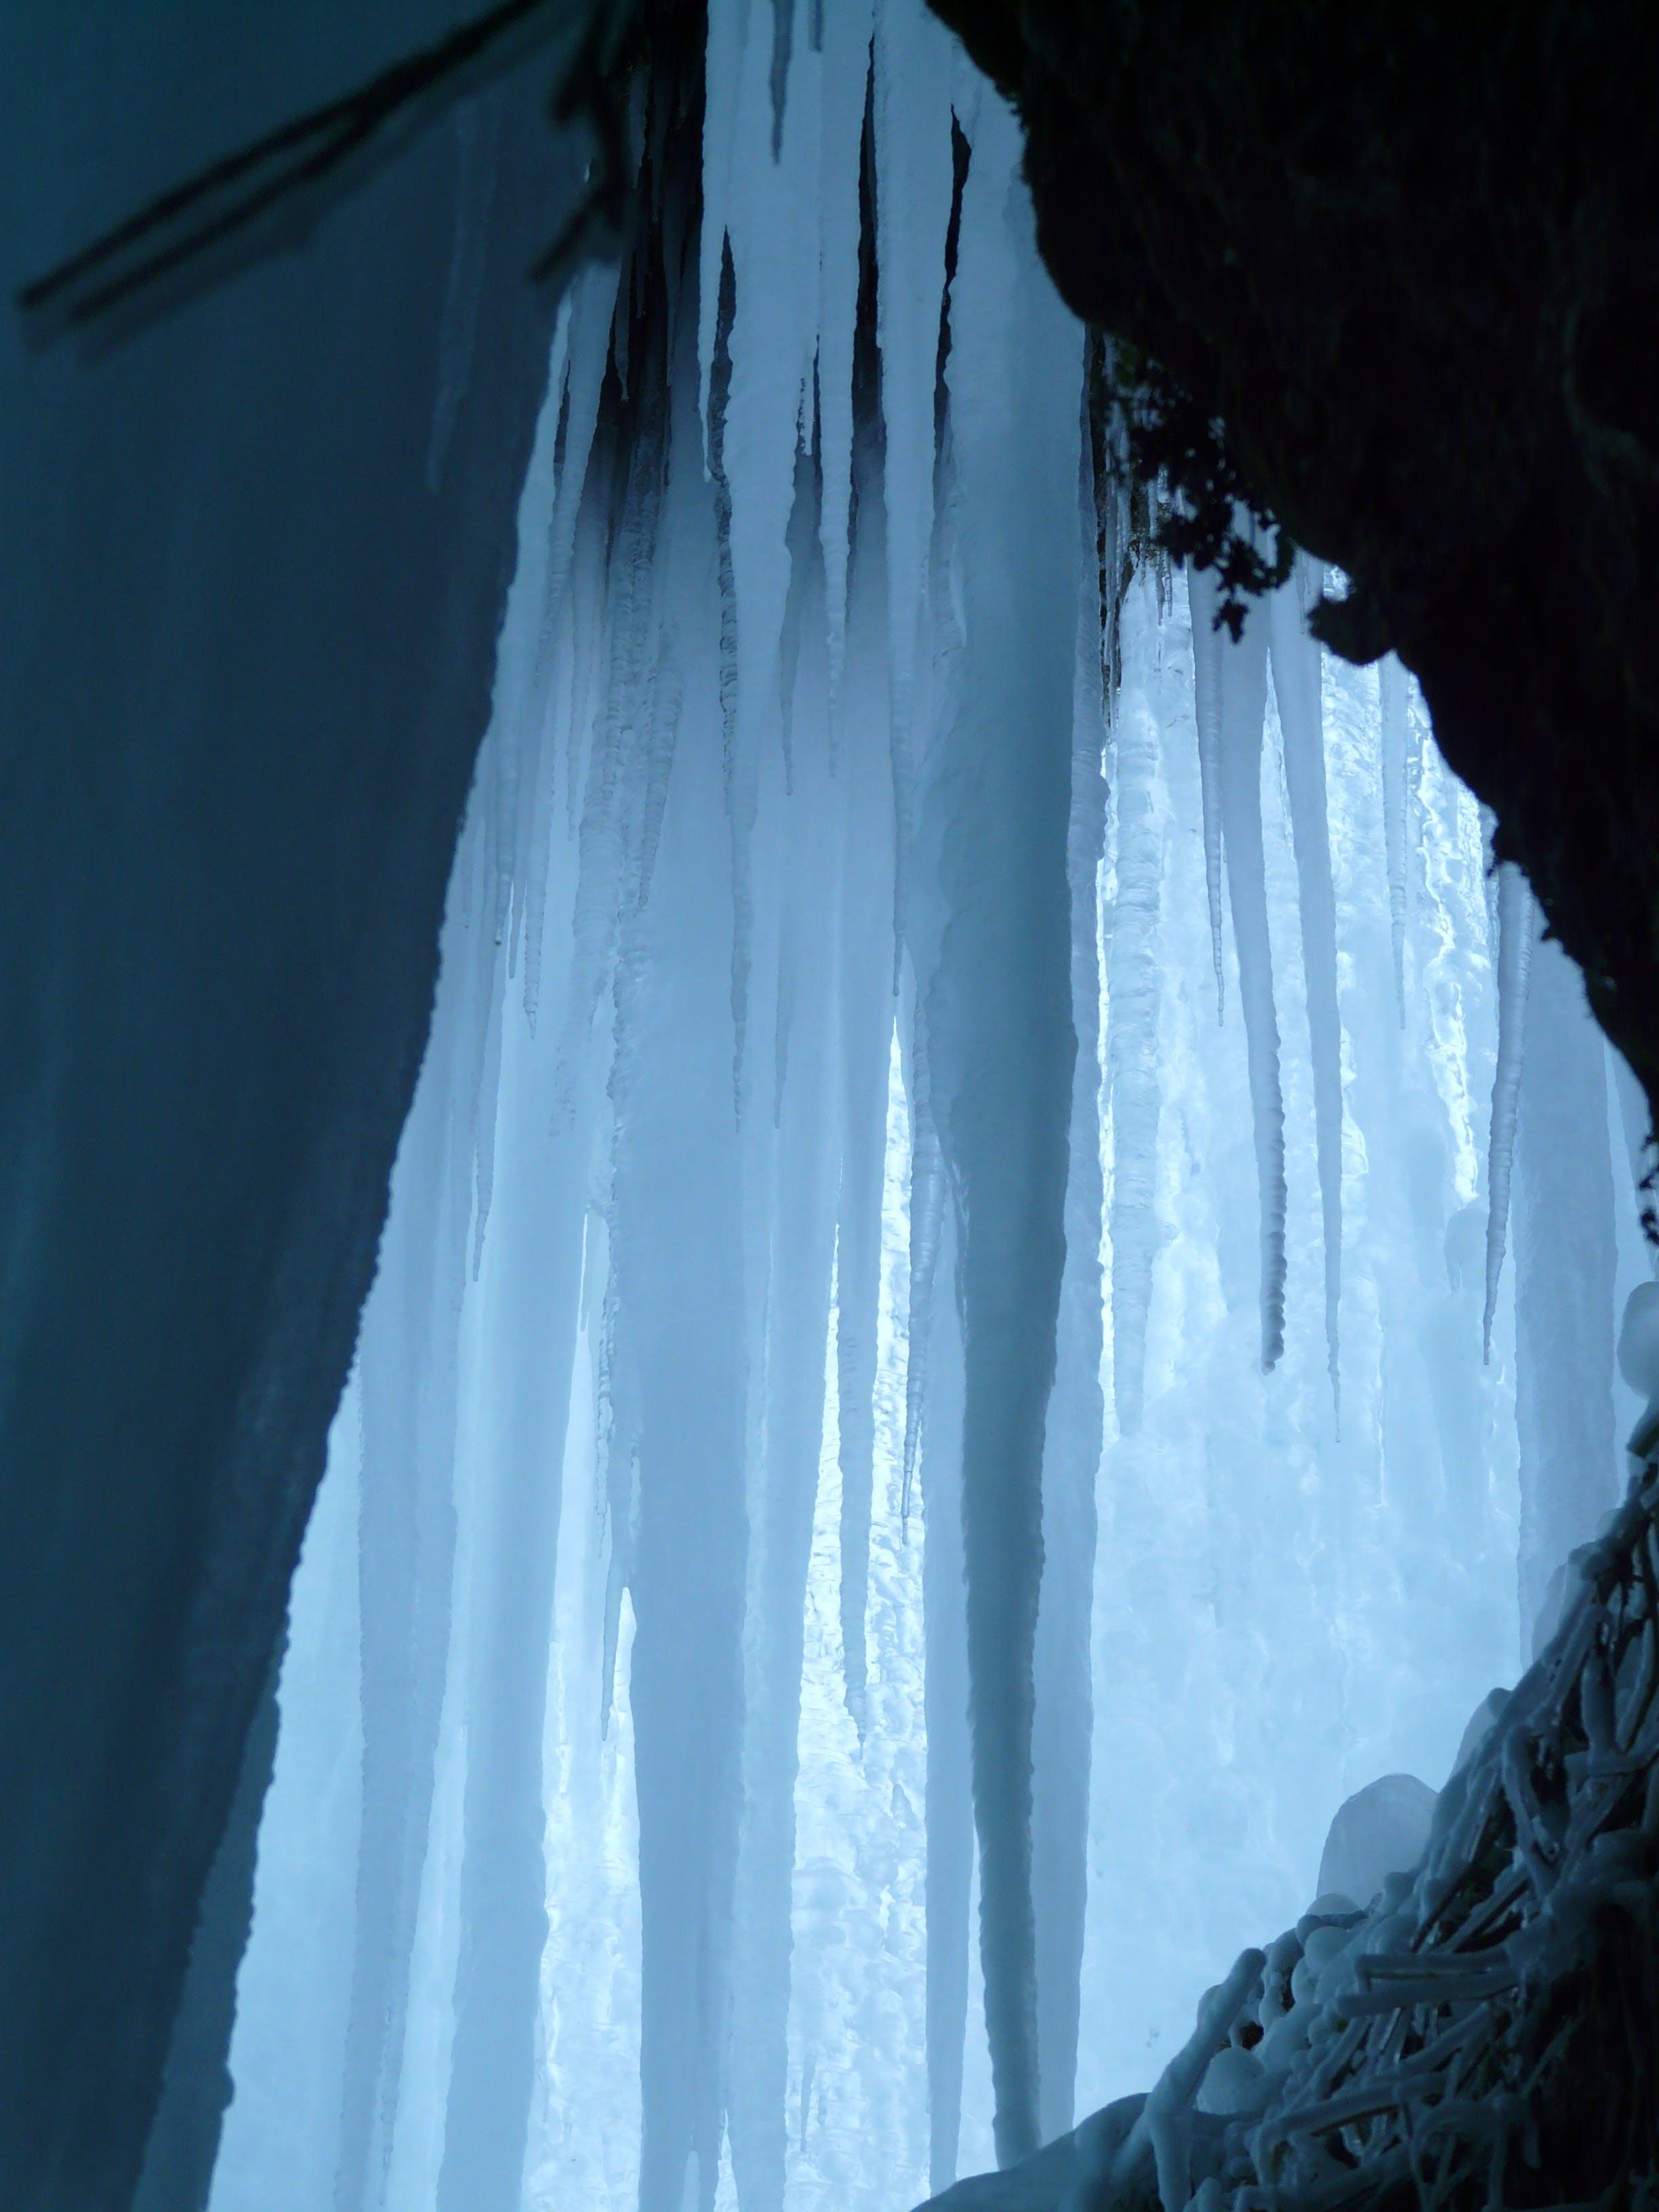 White Ice during Daytime